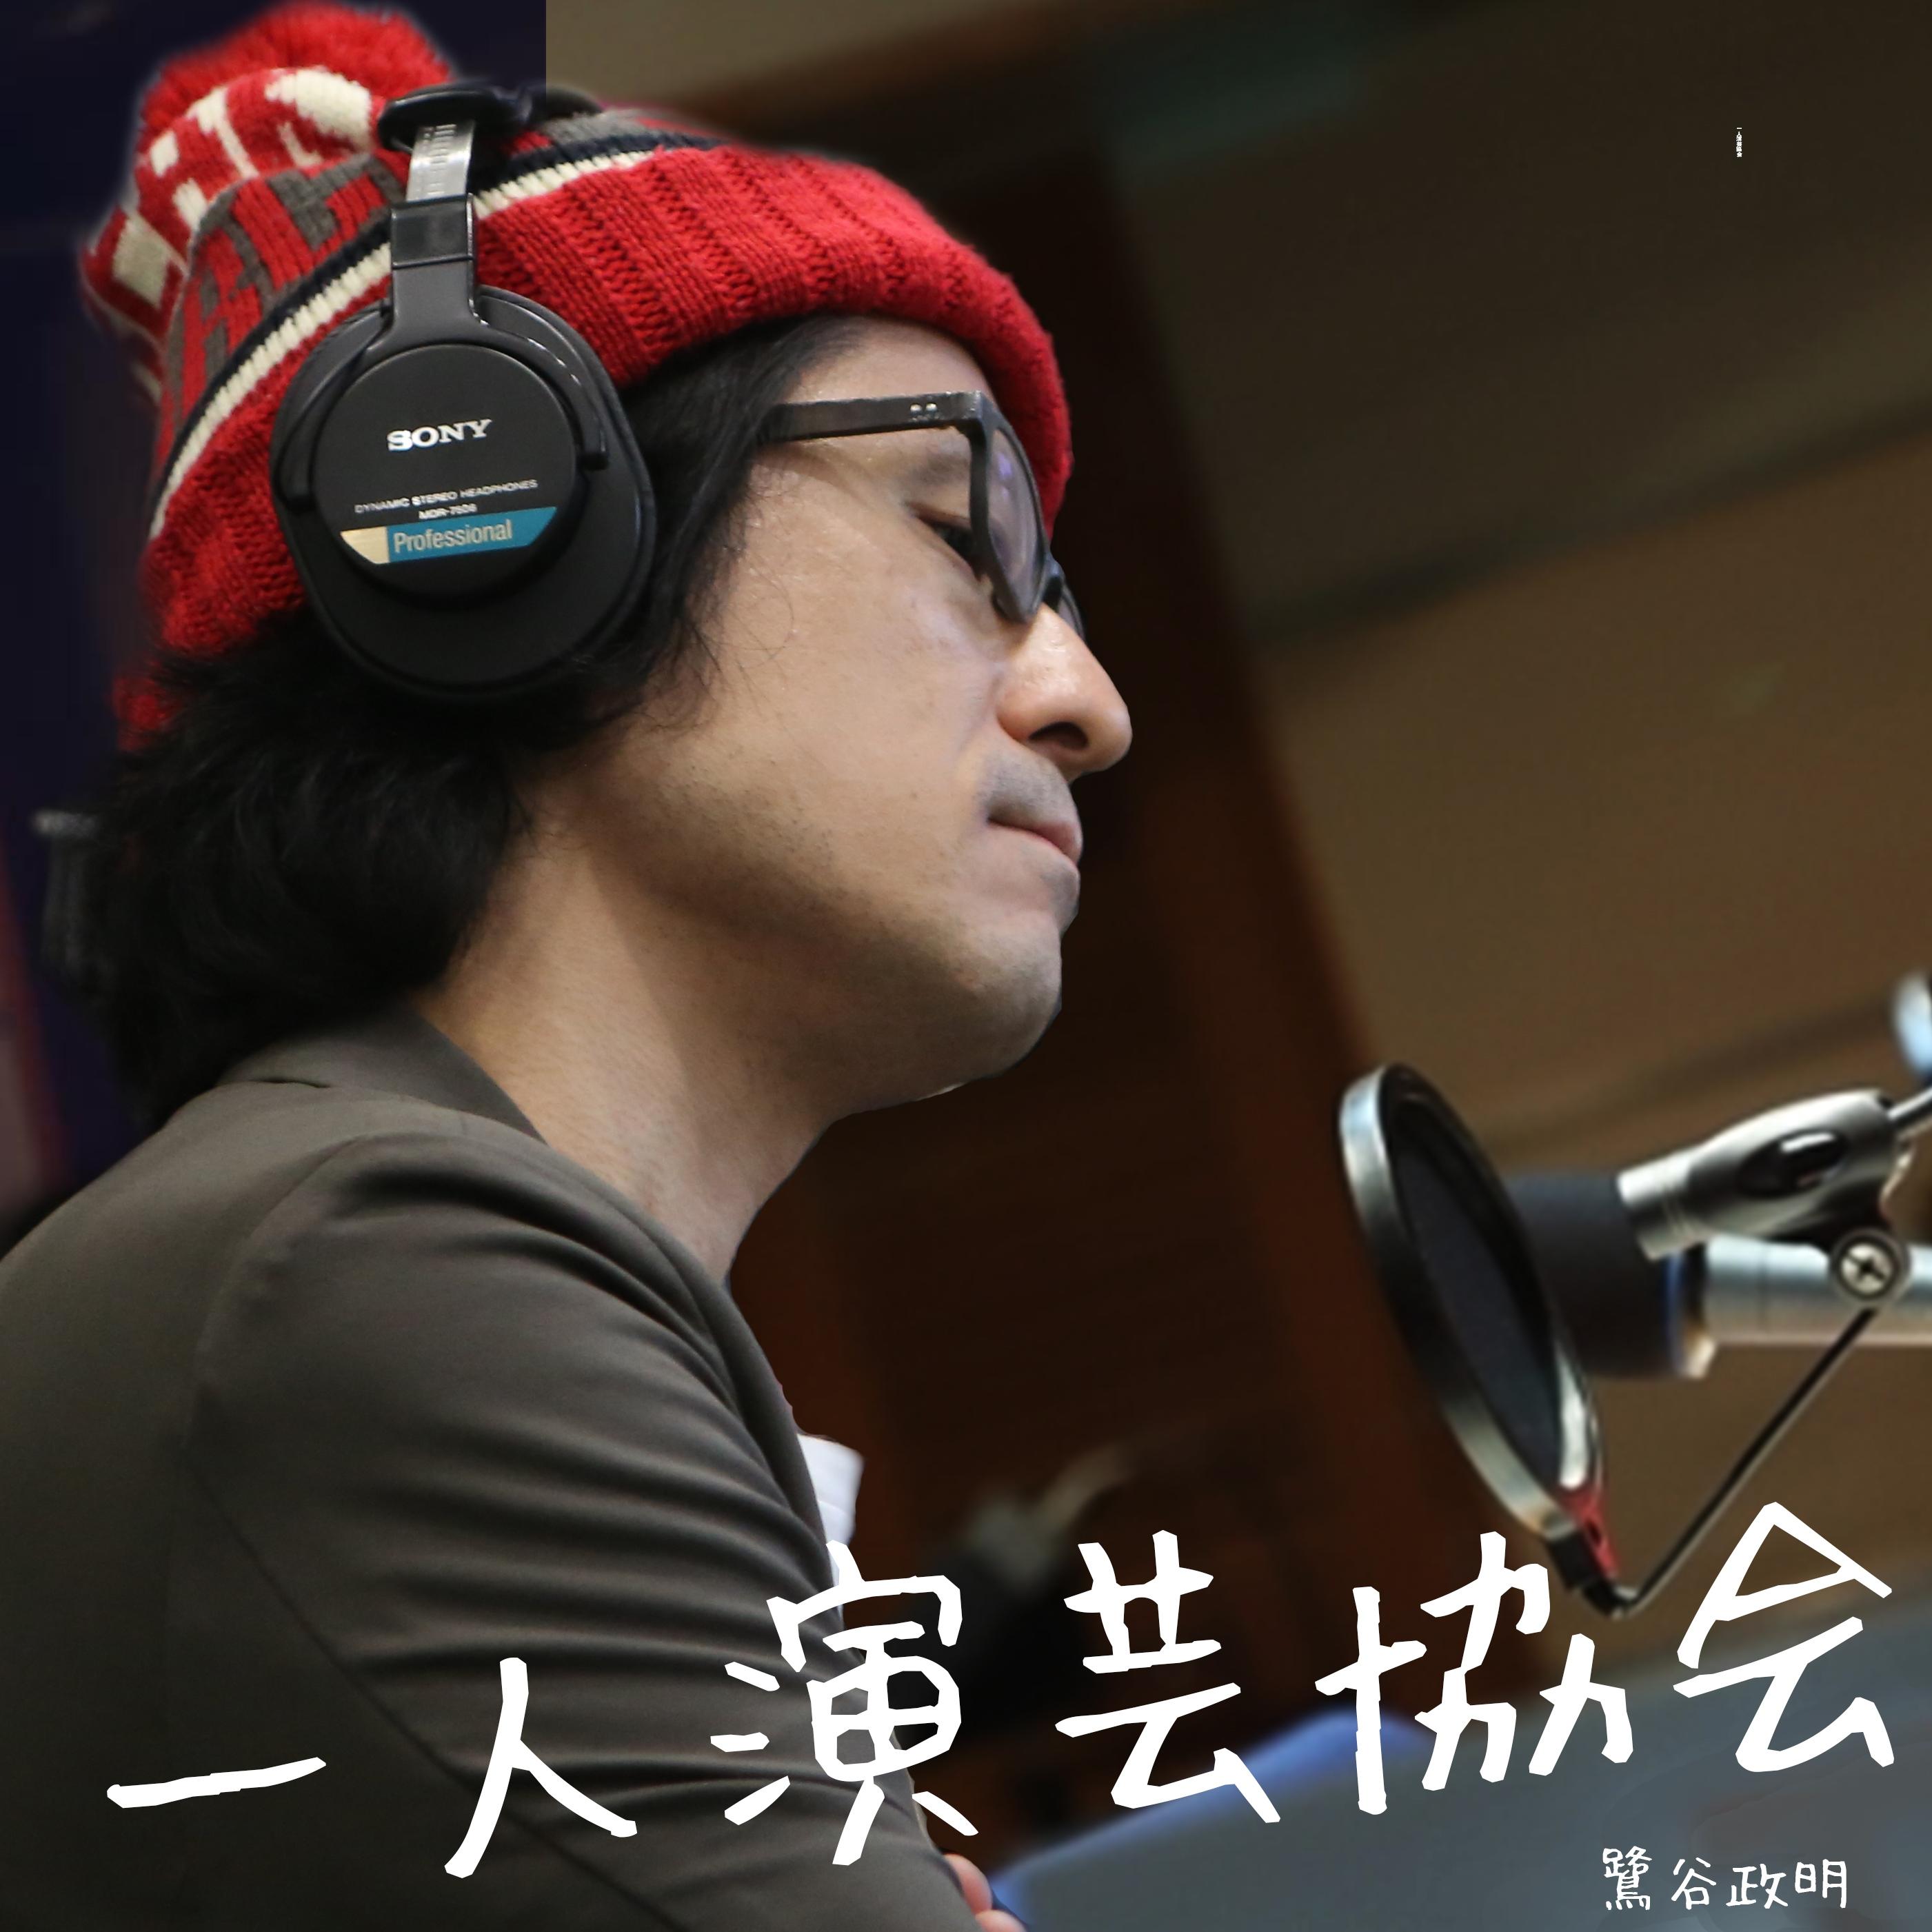 『太田松之丞』は23時台までいく #22